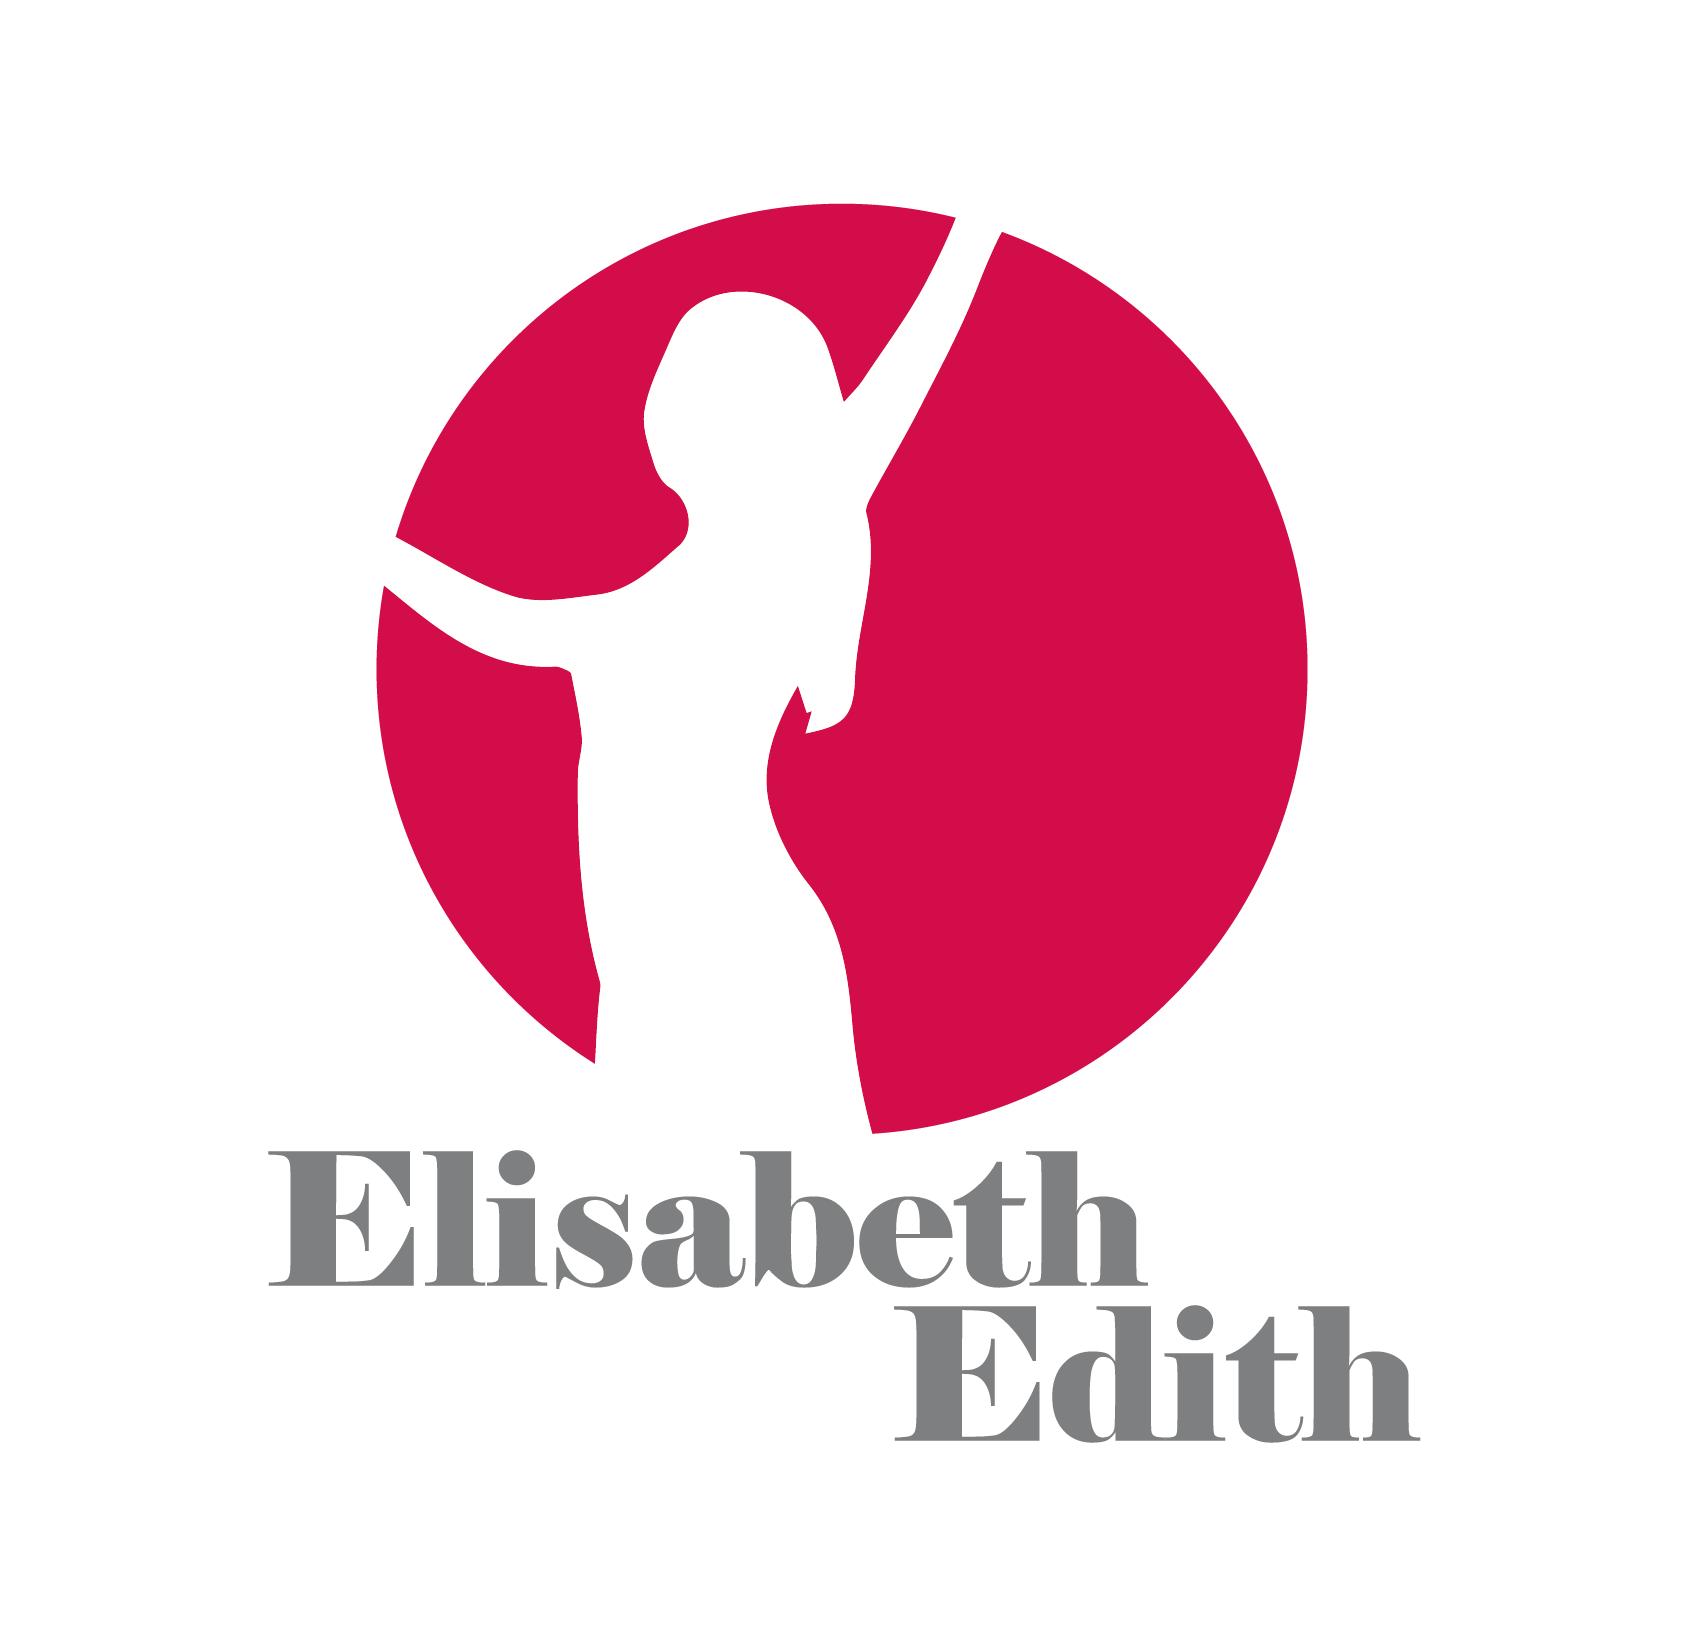 Elisabeth Edith